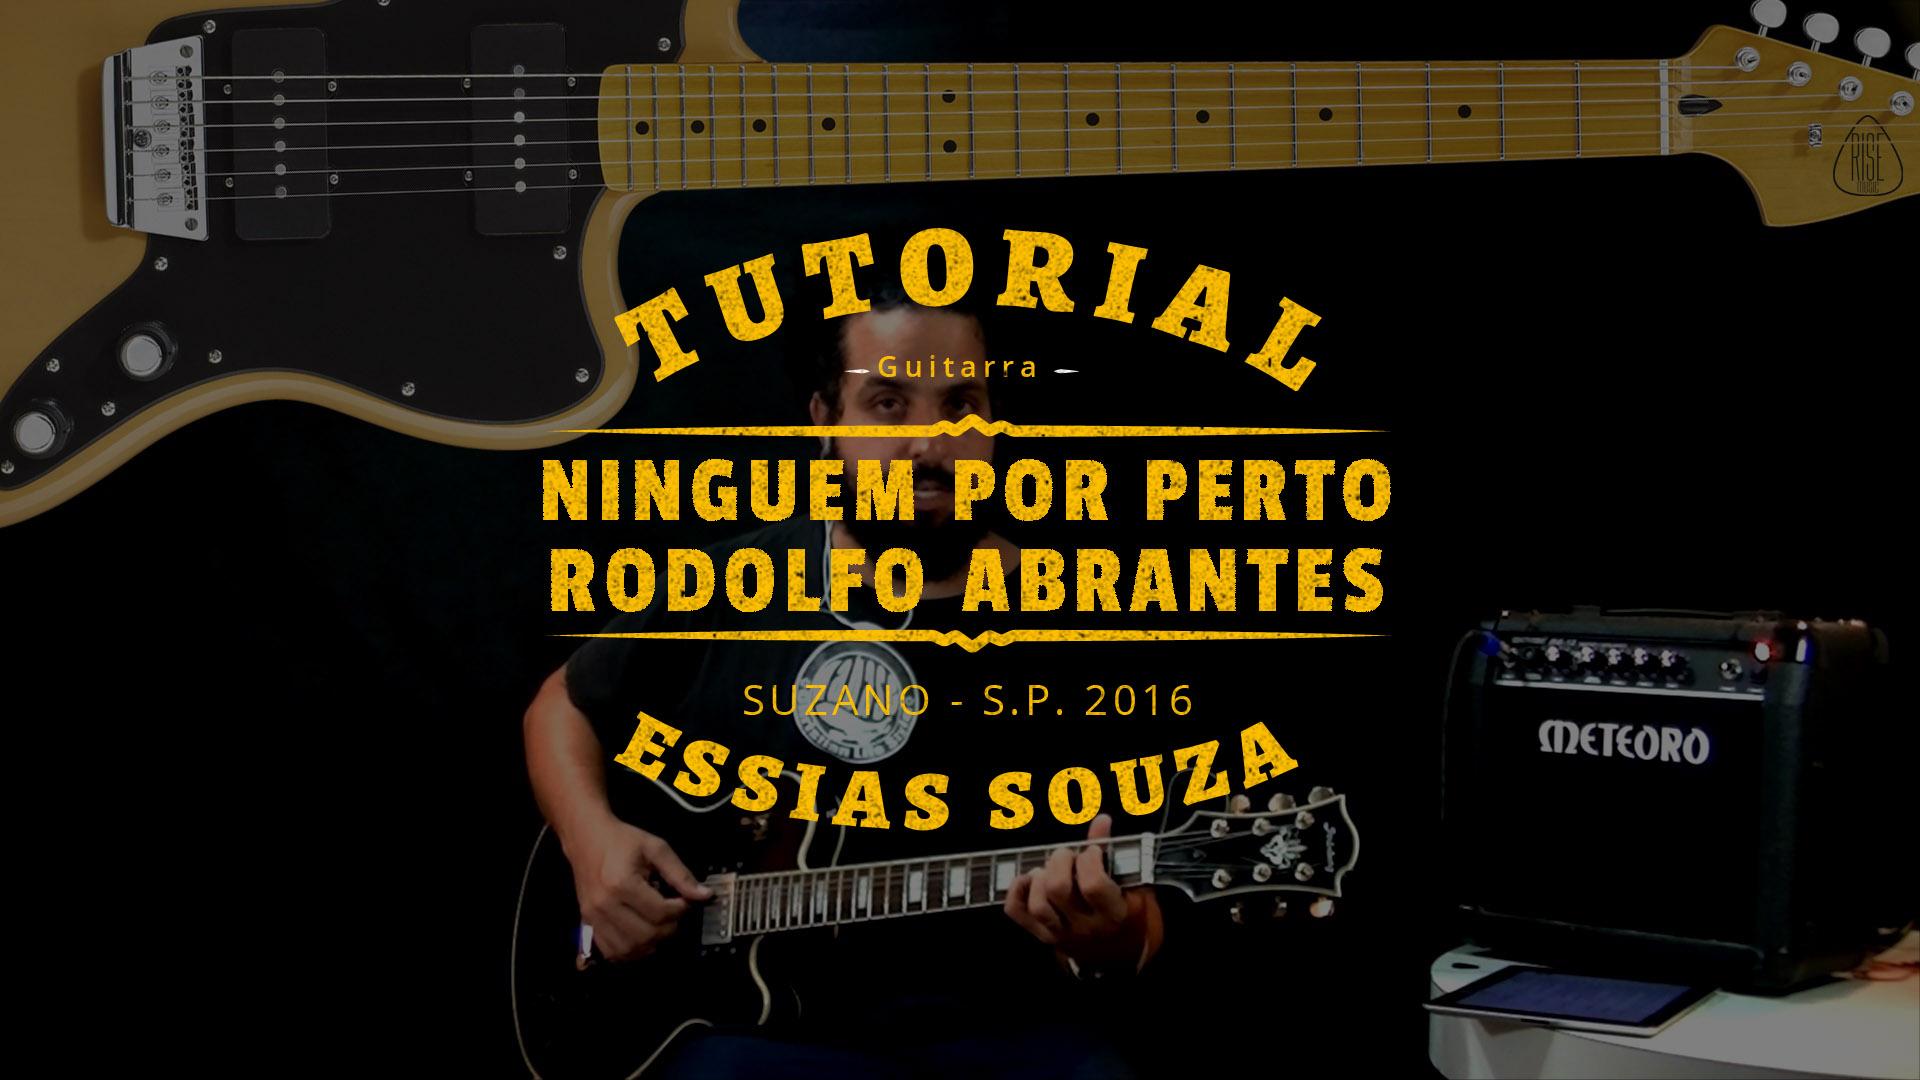 Como Tocar Ninguem Por Perto – Rodolfo Abrantes (Tutorial de Guitarra/Violão)